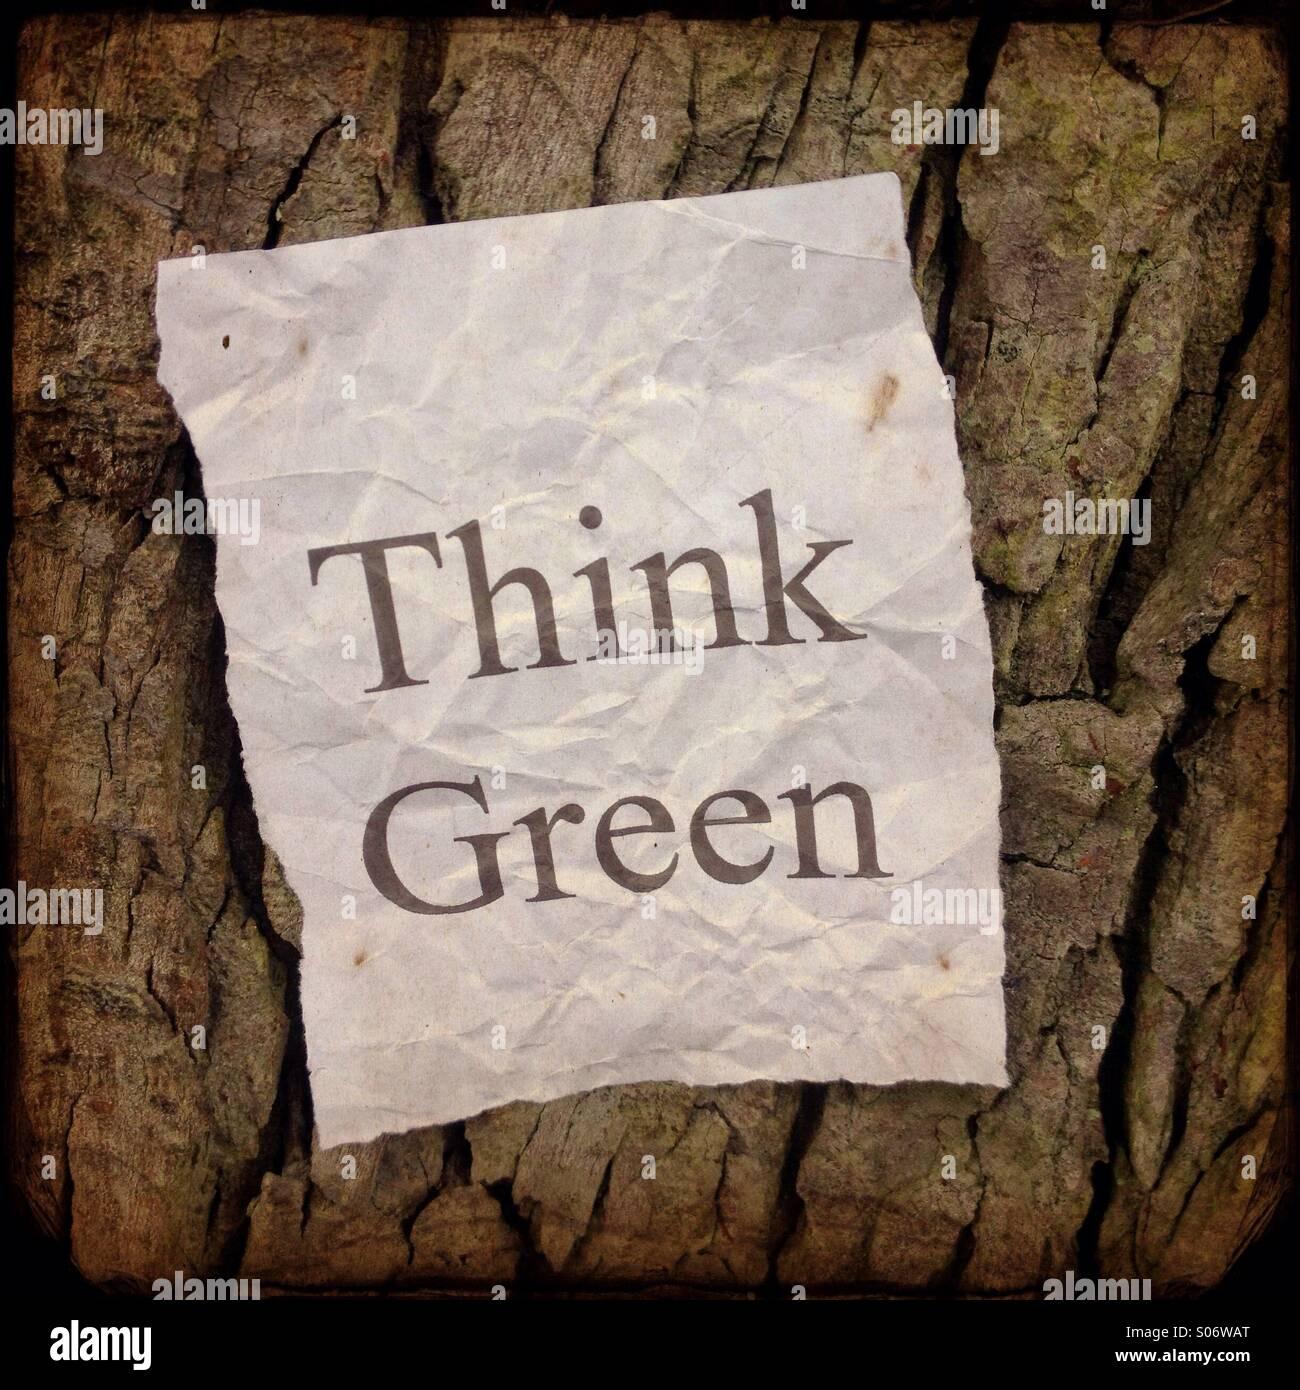 Piensa en verde mensaje en un papel arrugado aviso publicado en la corteza de los árboles. Un recordatorio Imagen De Stock